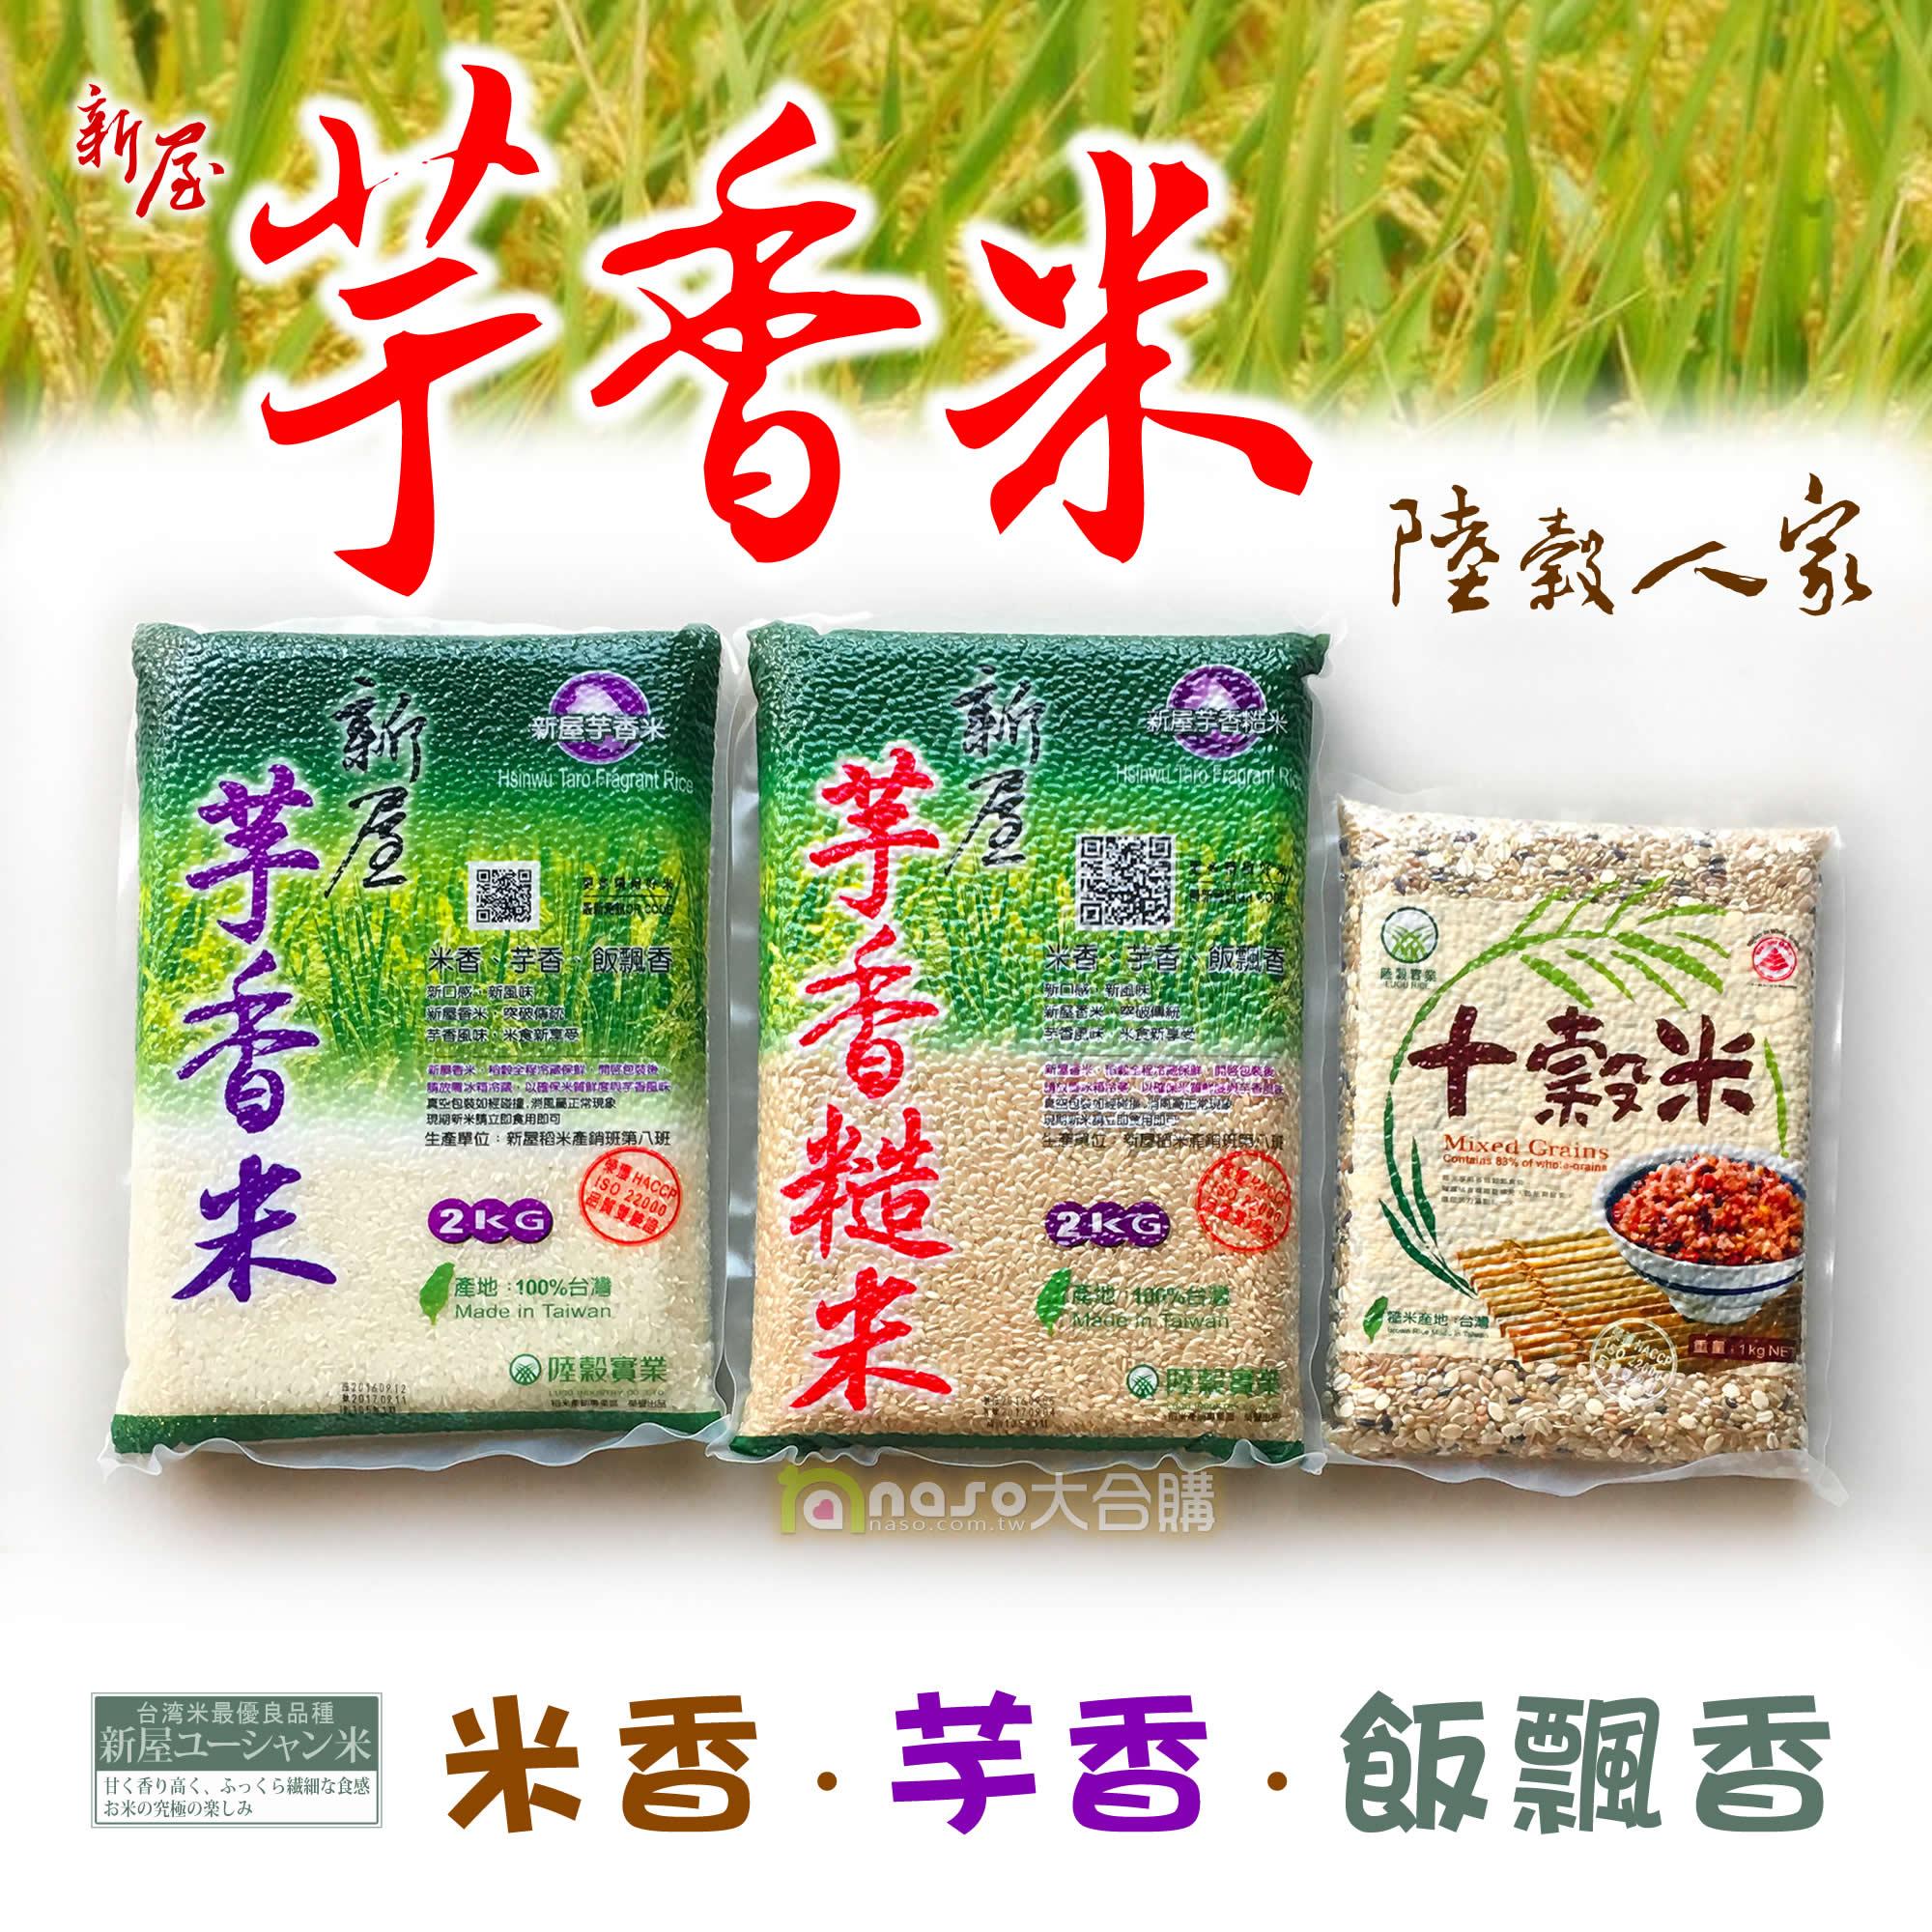 【陸穀人家】新屋芋香米/芋香糙米/十穀米 好評第11團